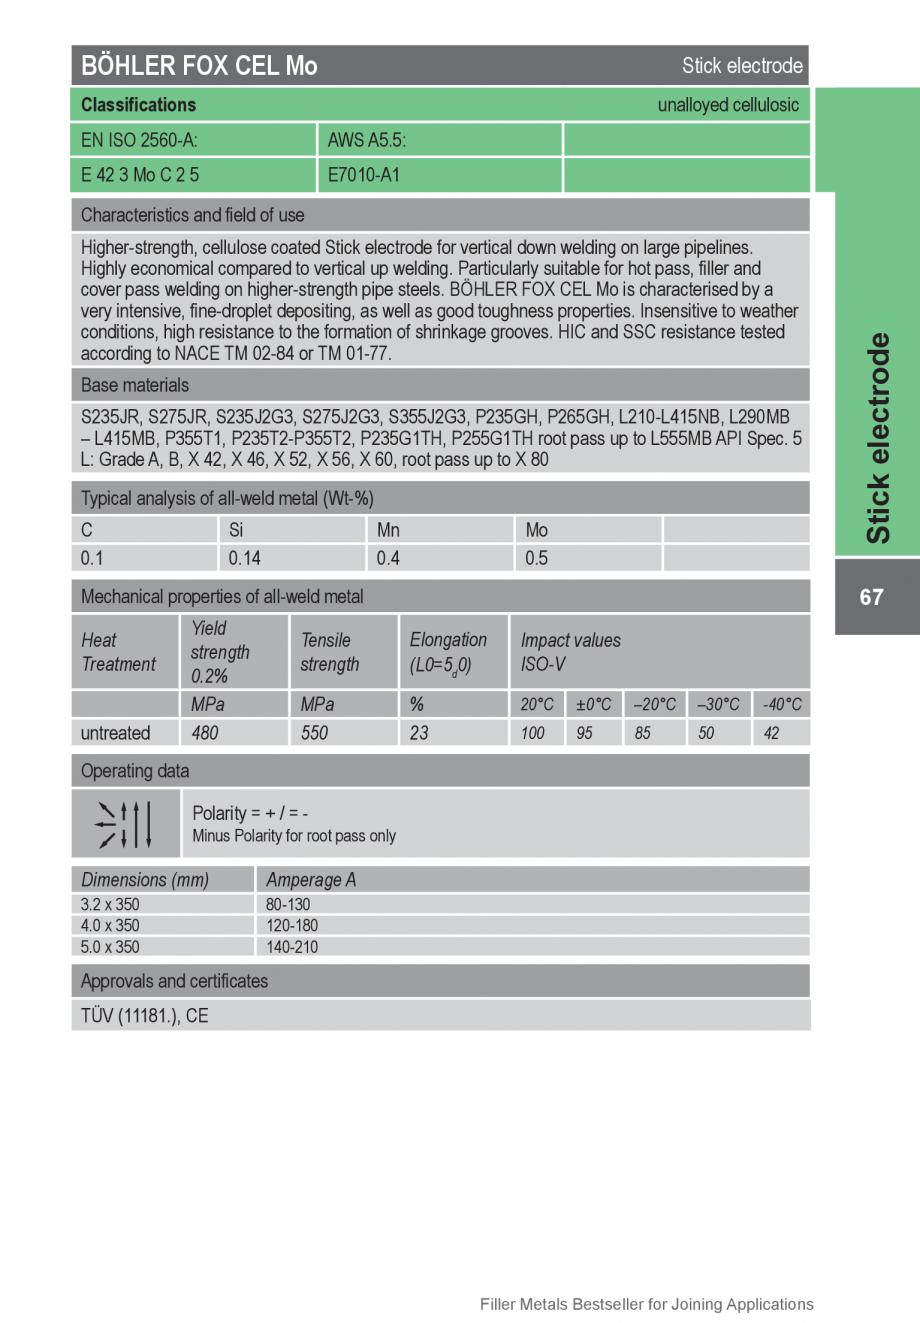 Pagina 67 - Solutii complete (materiale de adaos) pentru orice tip de aplicatie in sudare TEHNIC GAZ...